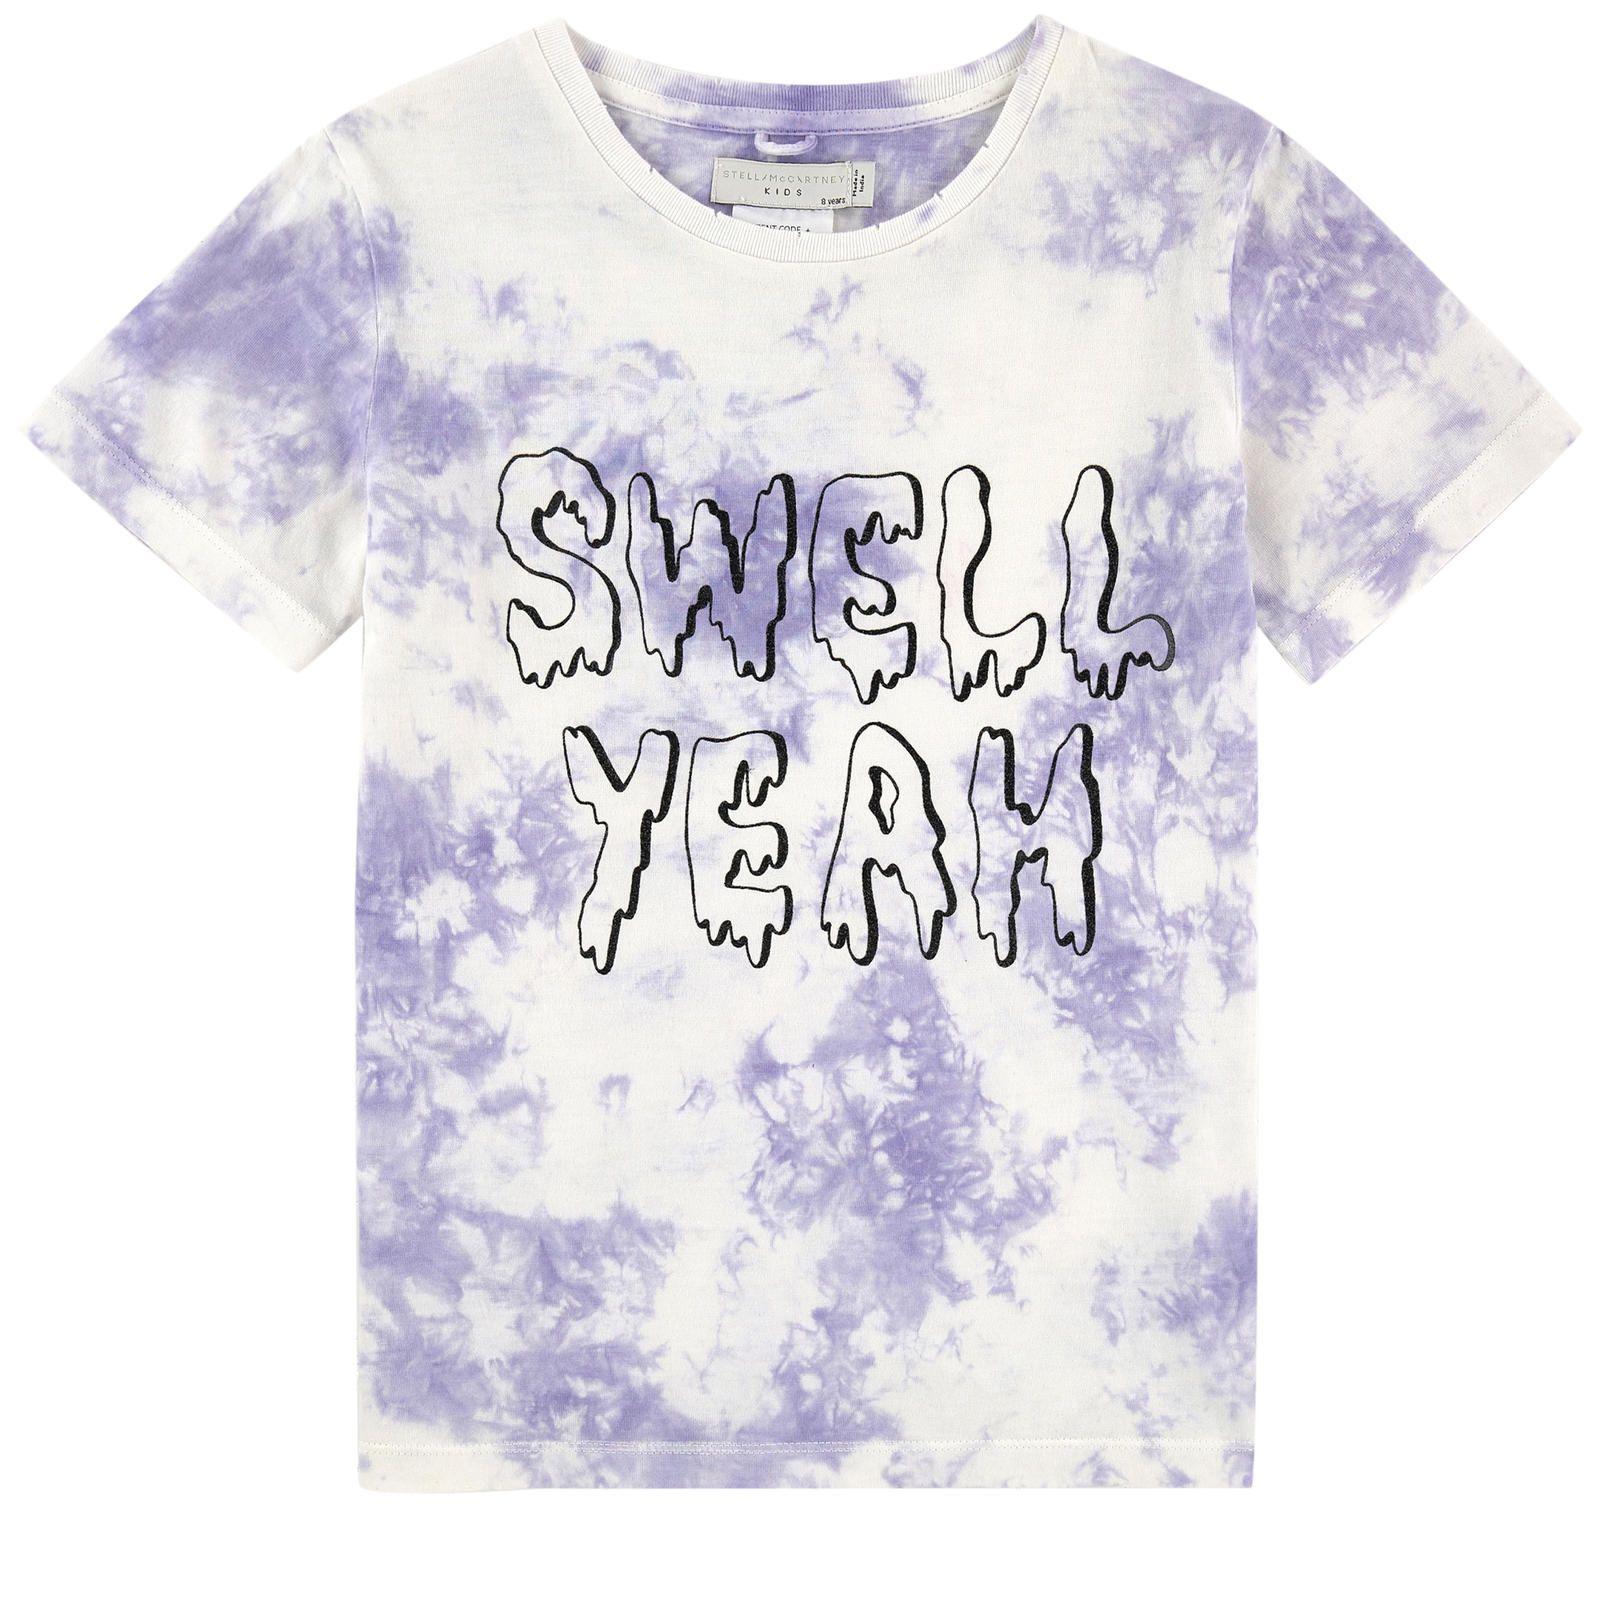 e4386c2a Toddler Tie Dye T Shirts Wholesale